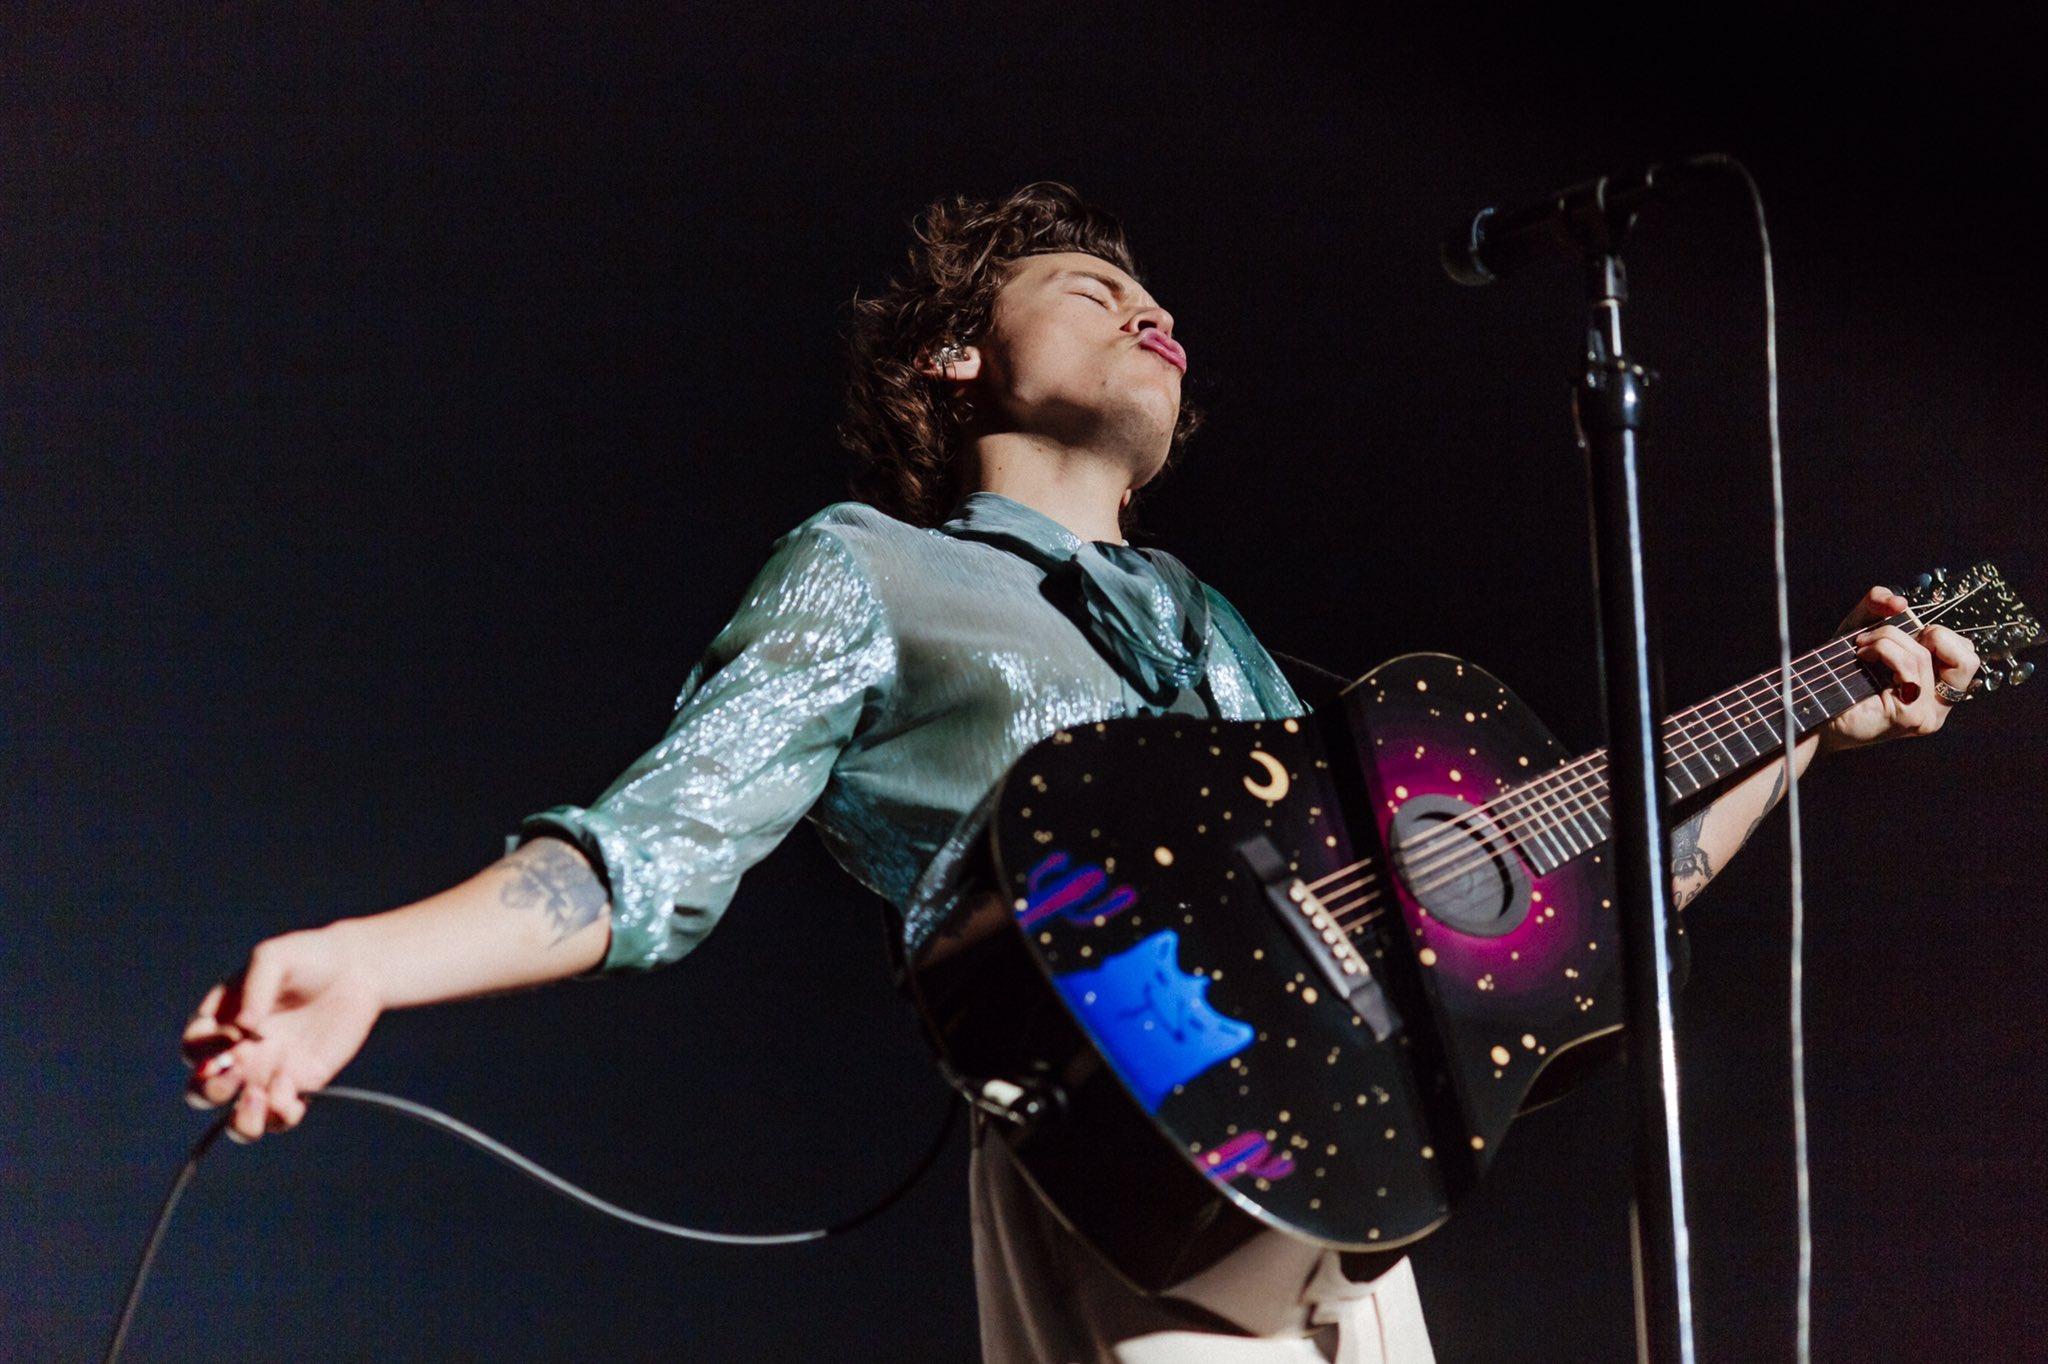 Những bộ trang phục ấn tượng đã góp phần tạo nên những khoảnh khắc thăng hoa trên sân khấu của Harry Styles.